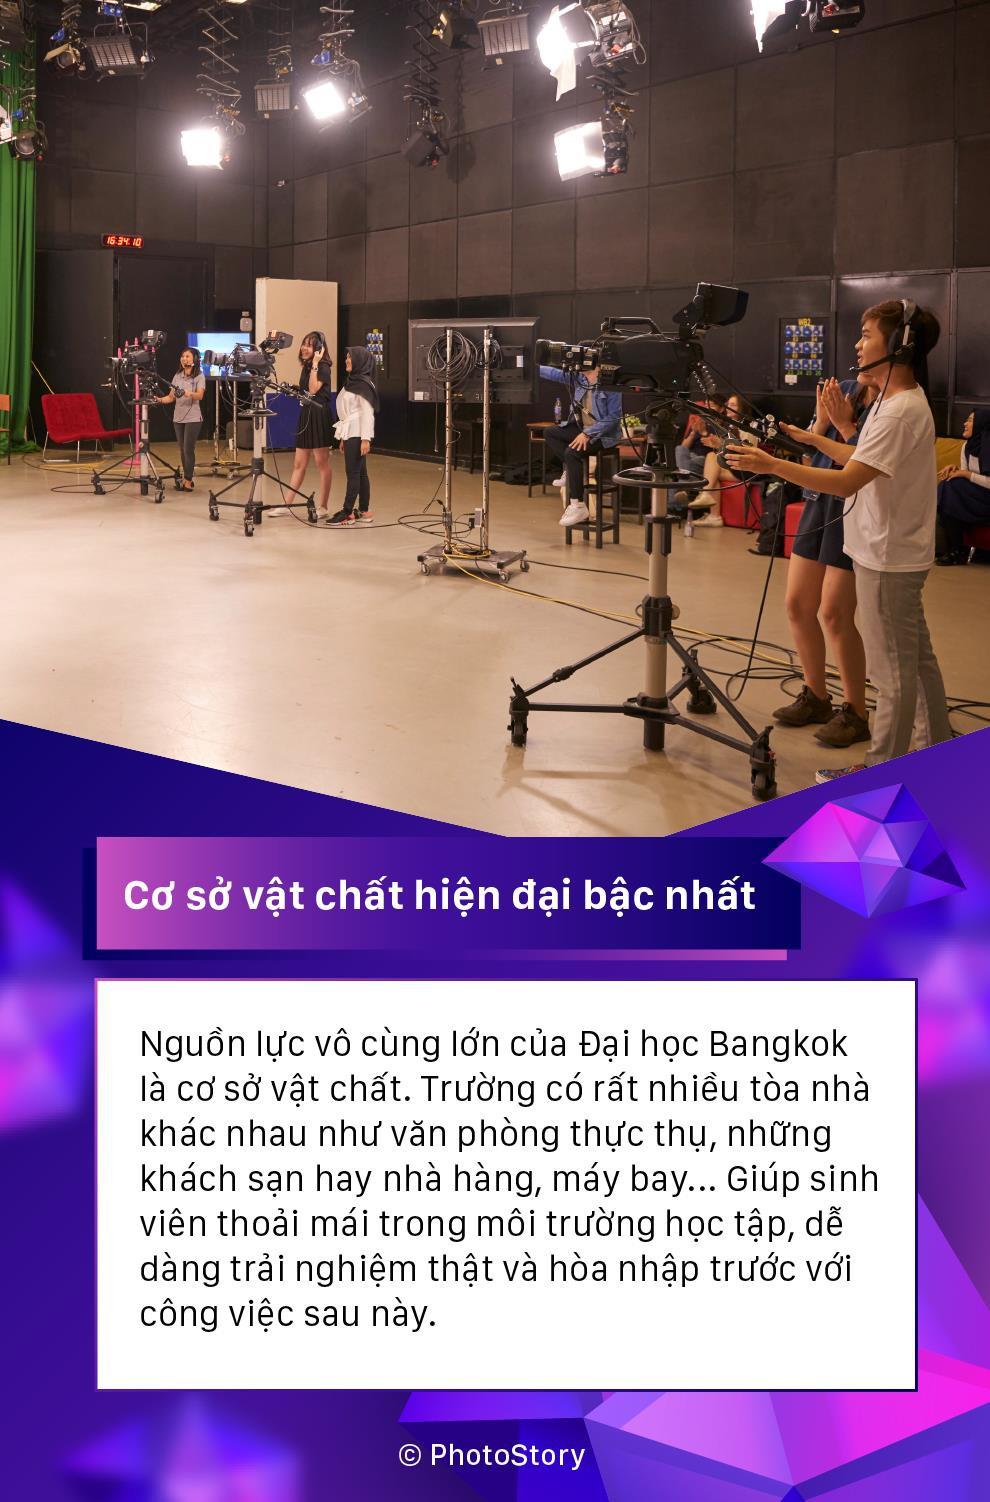 Lý do host Asias Next Top Model Cindy Bishop, Hoa hậu Thái Lan 2012 Farida Waller cùng nhiều KOLs Thái chọn Đại học Bangkok - Ảnh 4.